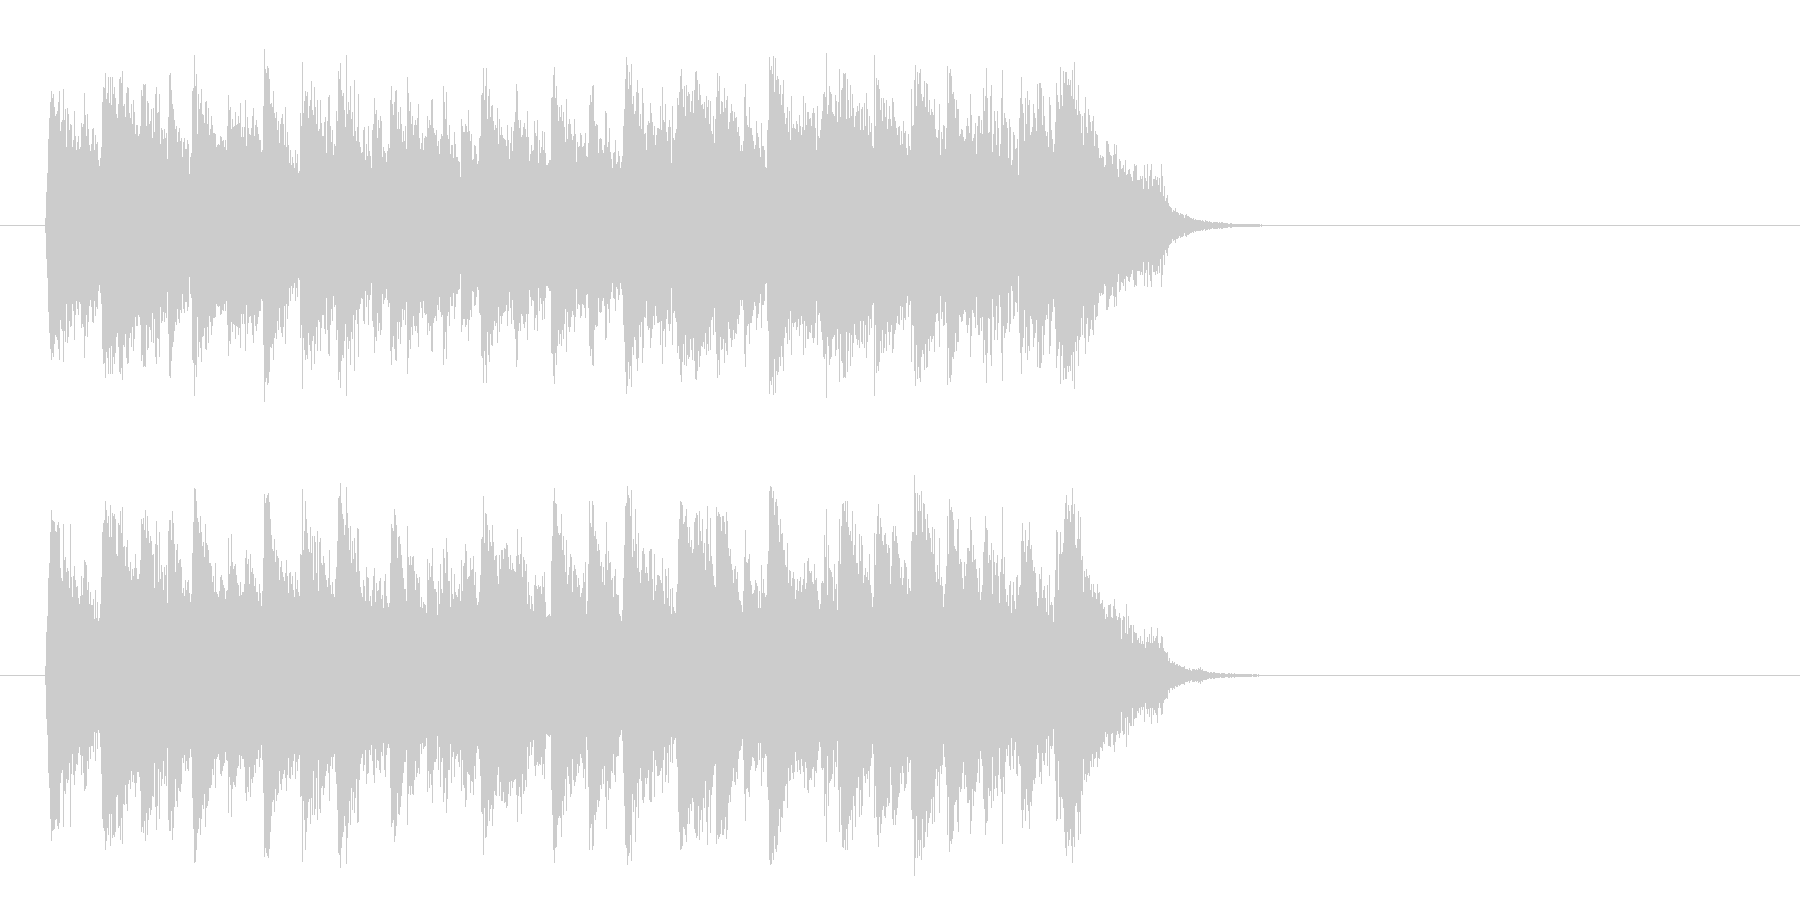 感動のピアノ・バラード(サビ)の未再生の波形